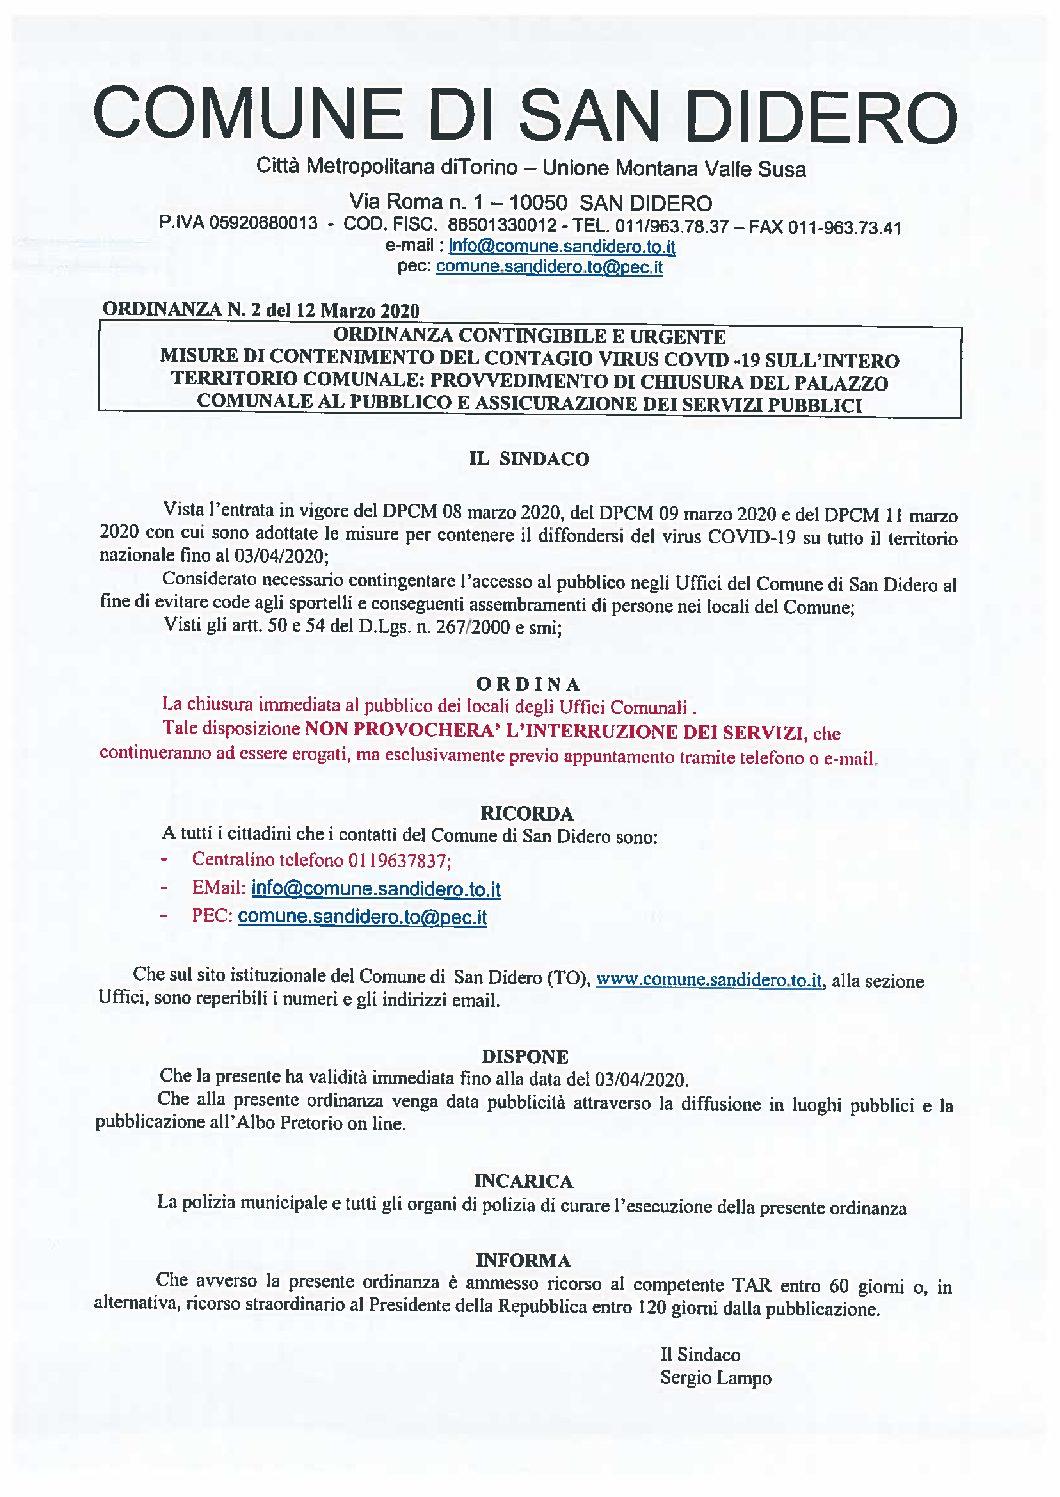 COVID 19: CHIUSURA DEL PALAZZO COMUNALE AL PUBBLICO E ASSICURAZIONE DEI SERVIZI PUBBLICI. ORDINANZA CONTINGIBILE E URGENTE.